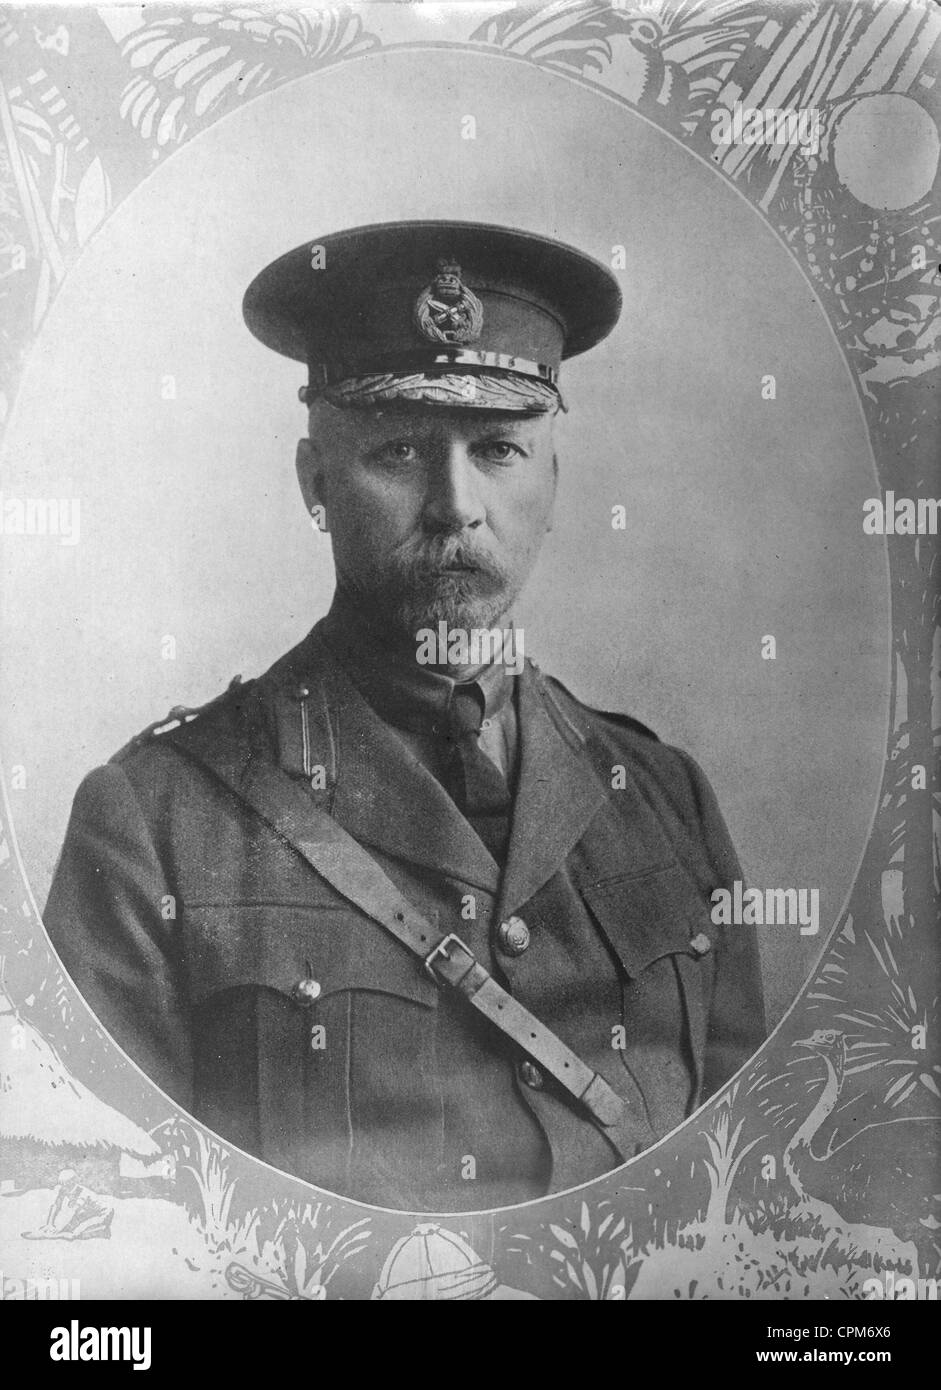 General Jan Christiaan Smuts - Stock Image